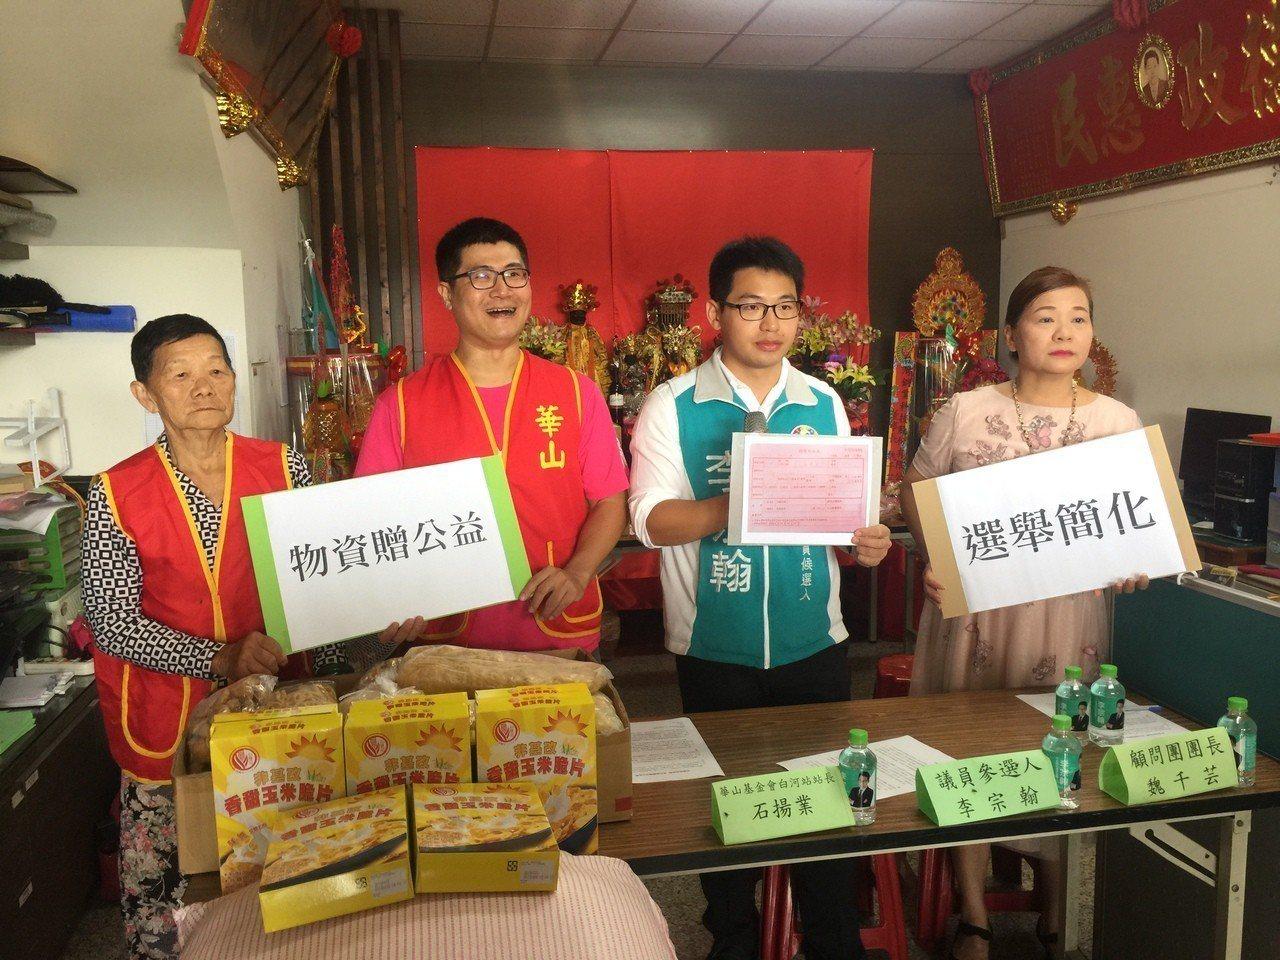 李宗翰(右二)簡化競選總部成立流程,釋放出100公斤白米及物資。記者吳政修/攝影